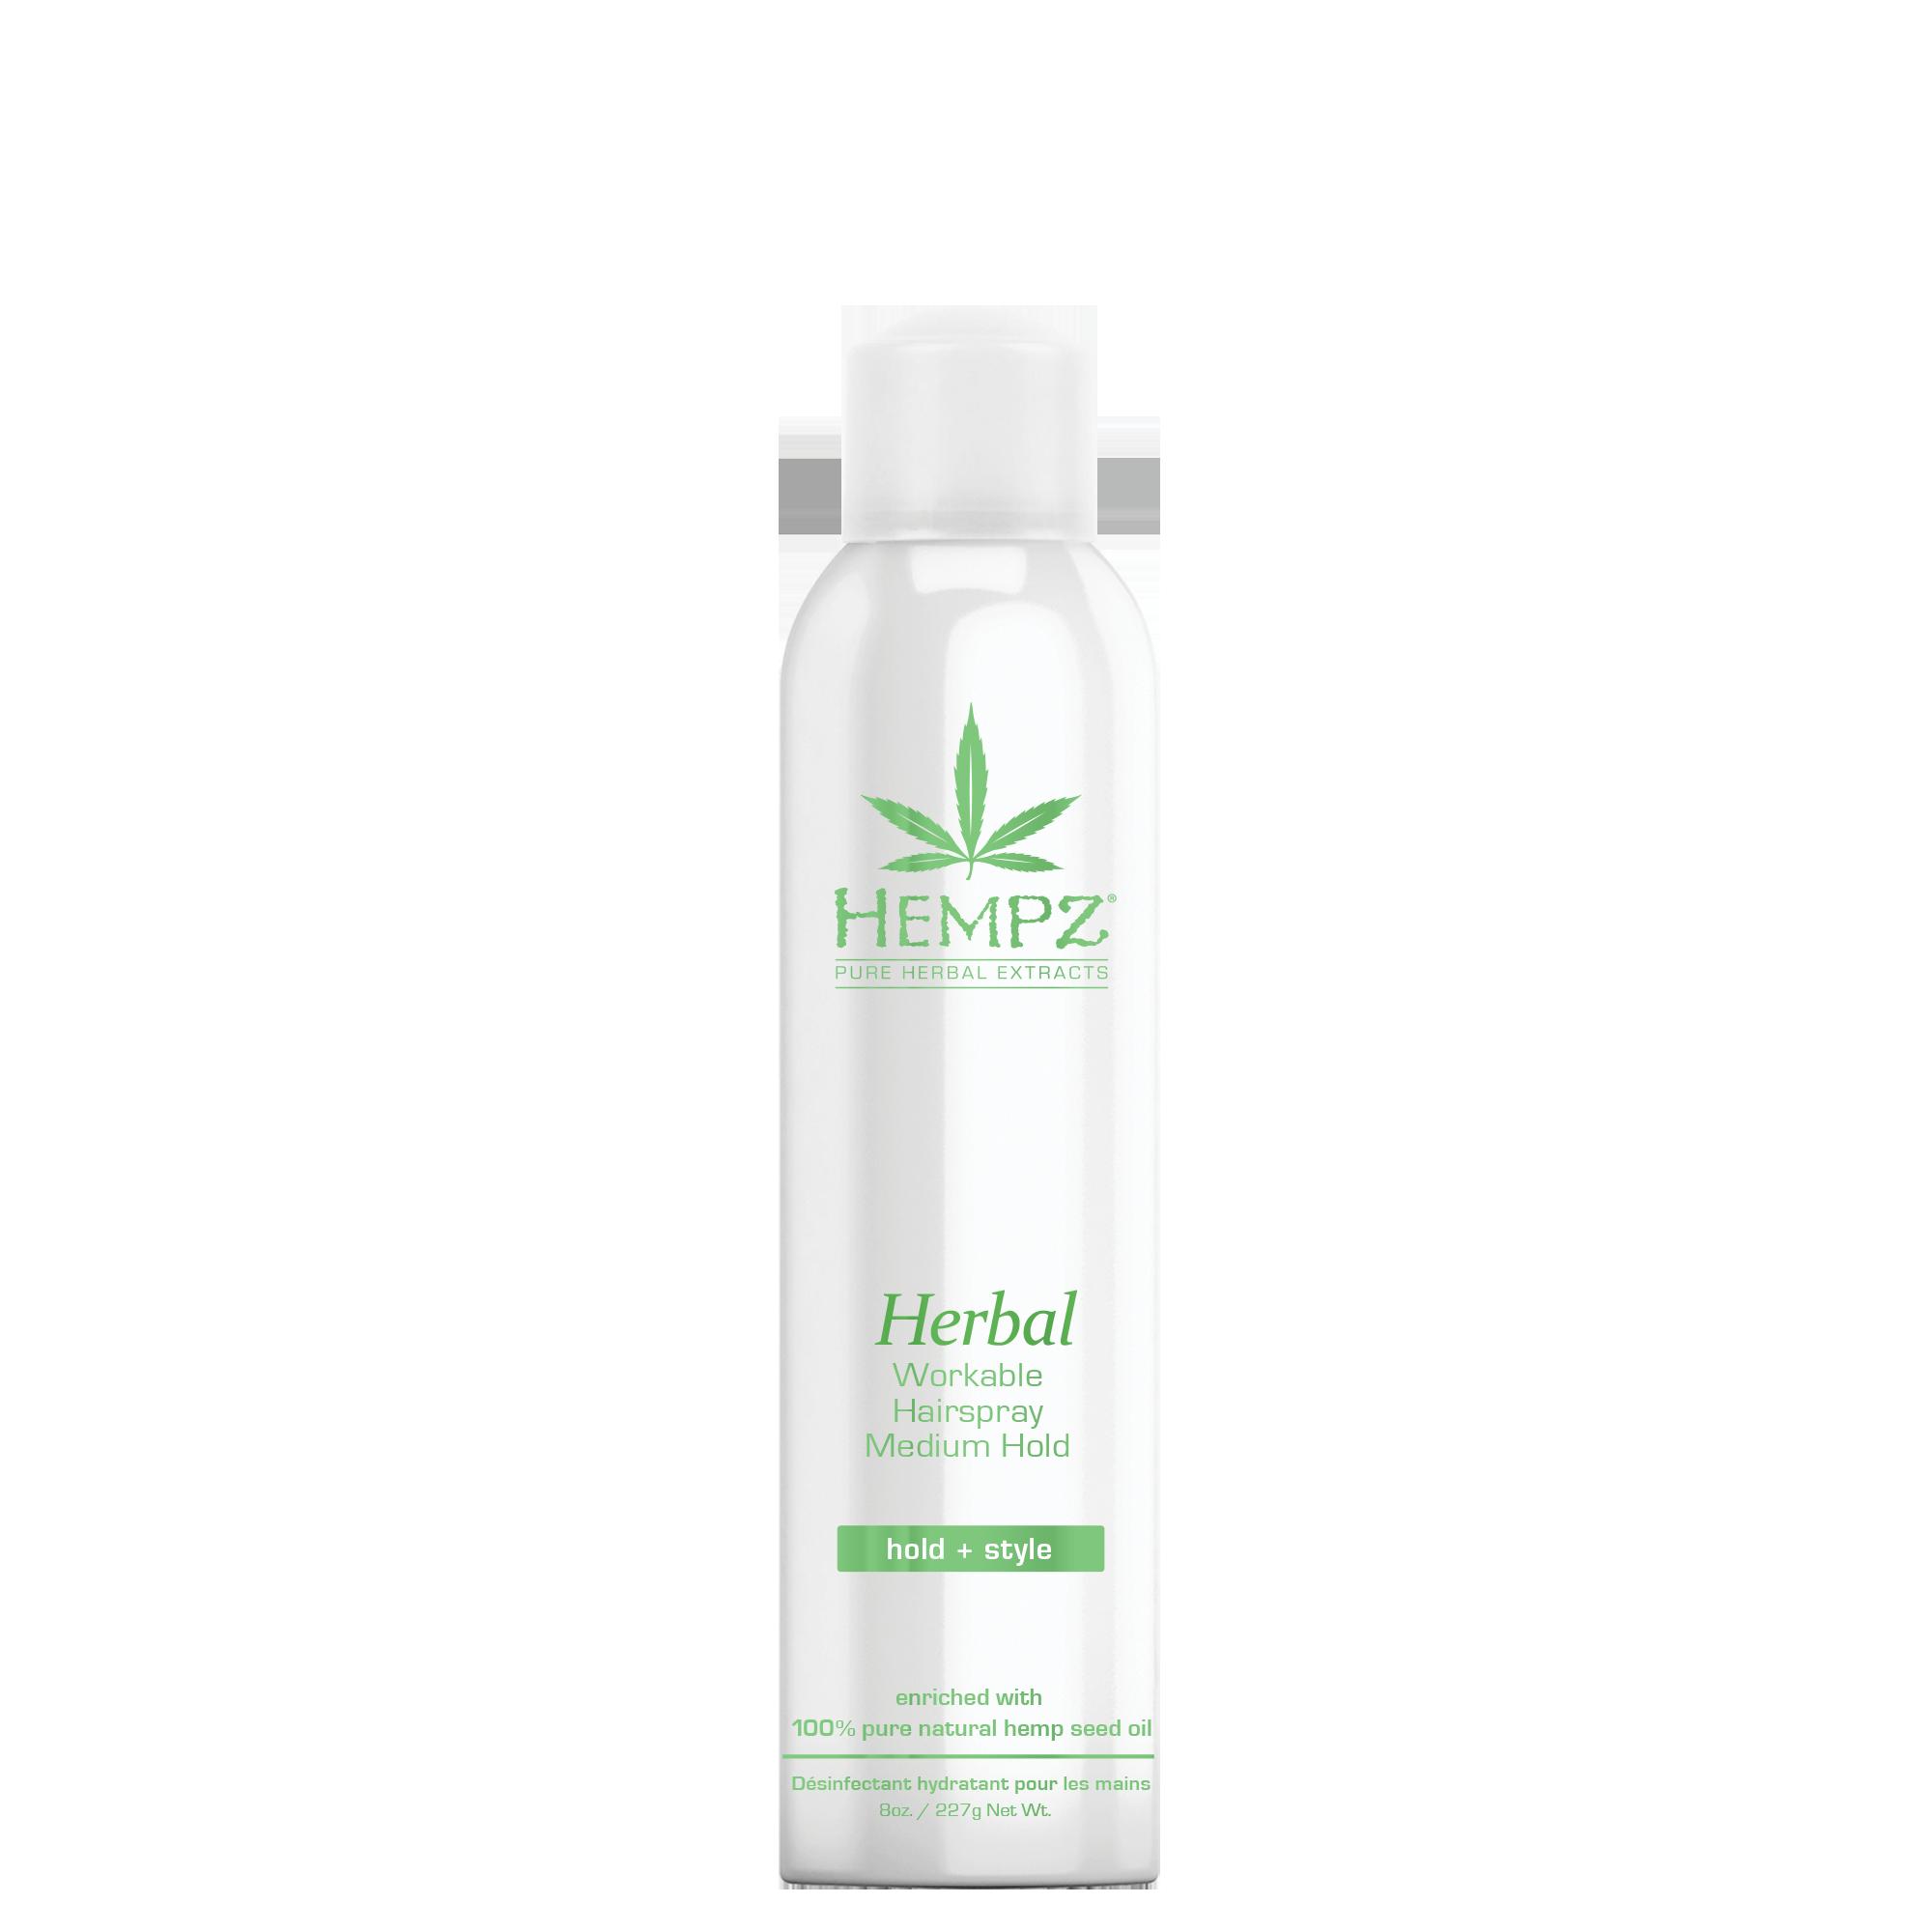 HEMPZ Лак растительный средней фиксации для волос Здоровые волосы / Herbal Workable Hairspray Medium Hold 227 г